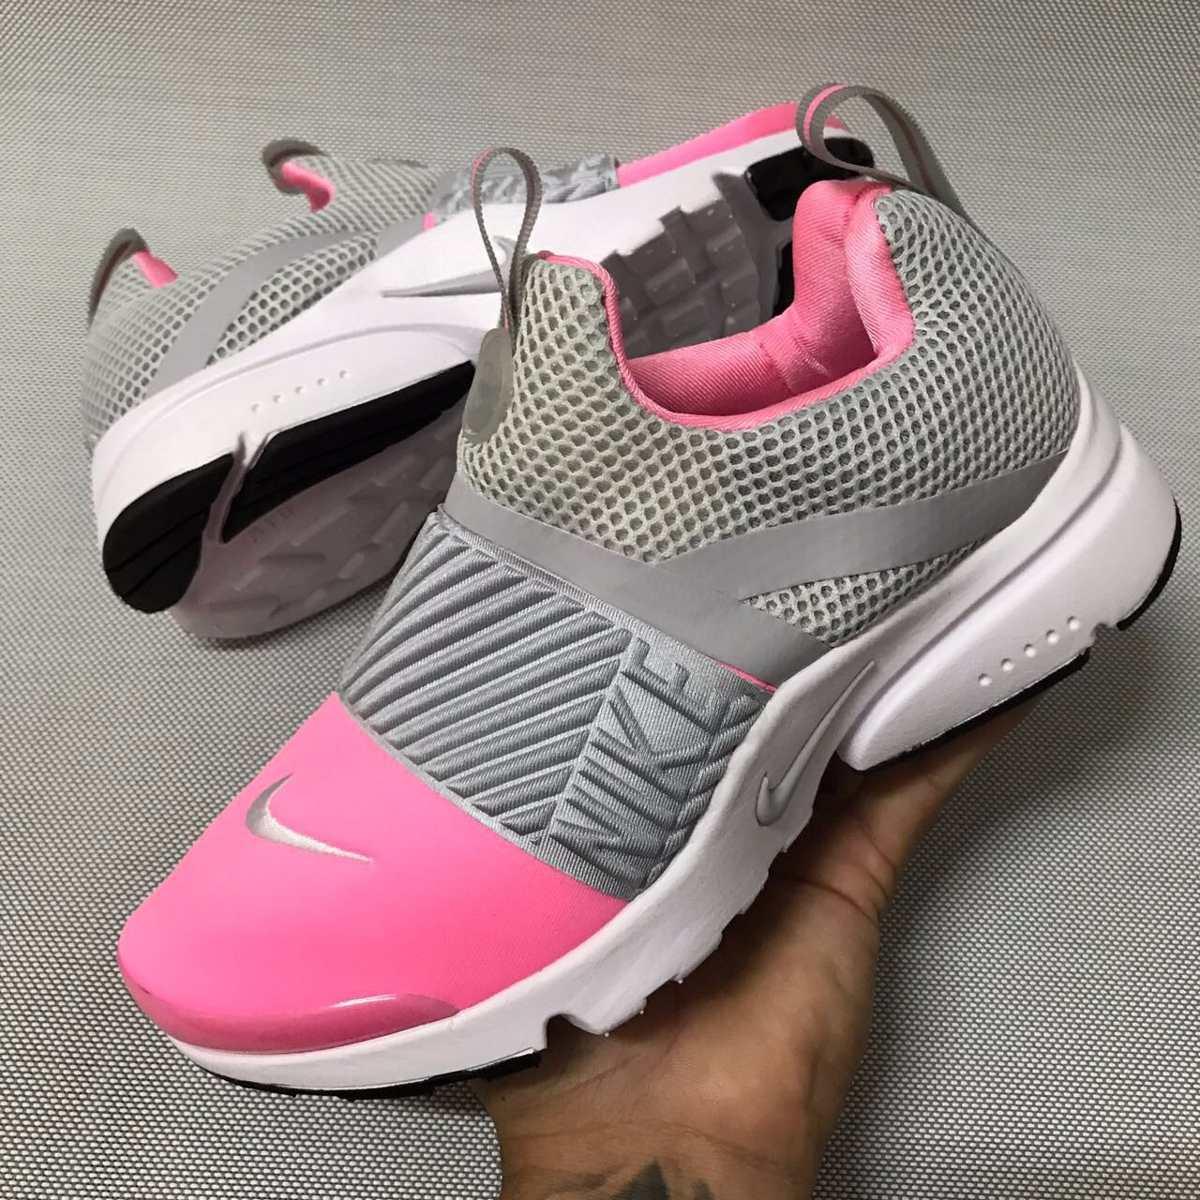 Regalo Dia Nike Mujer Zapatillas 245 Original De Tenis Madre 000 w7qTwFgS